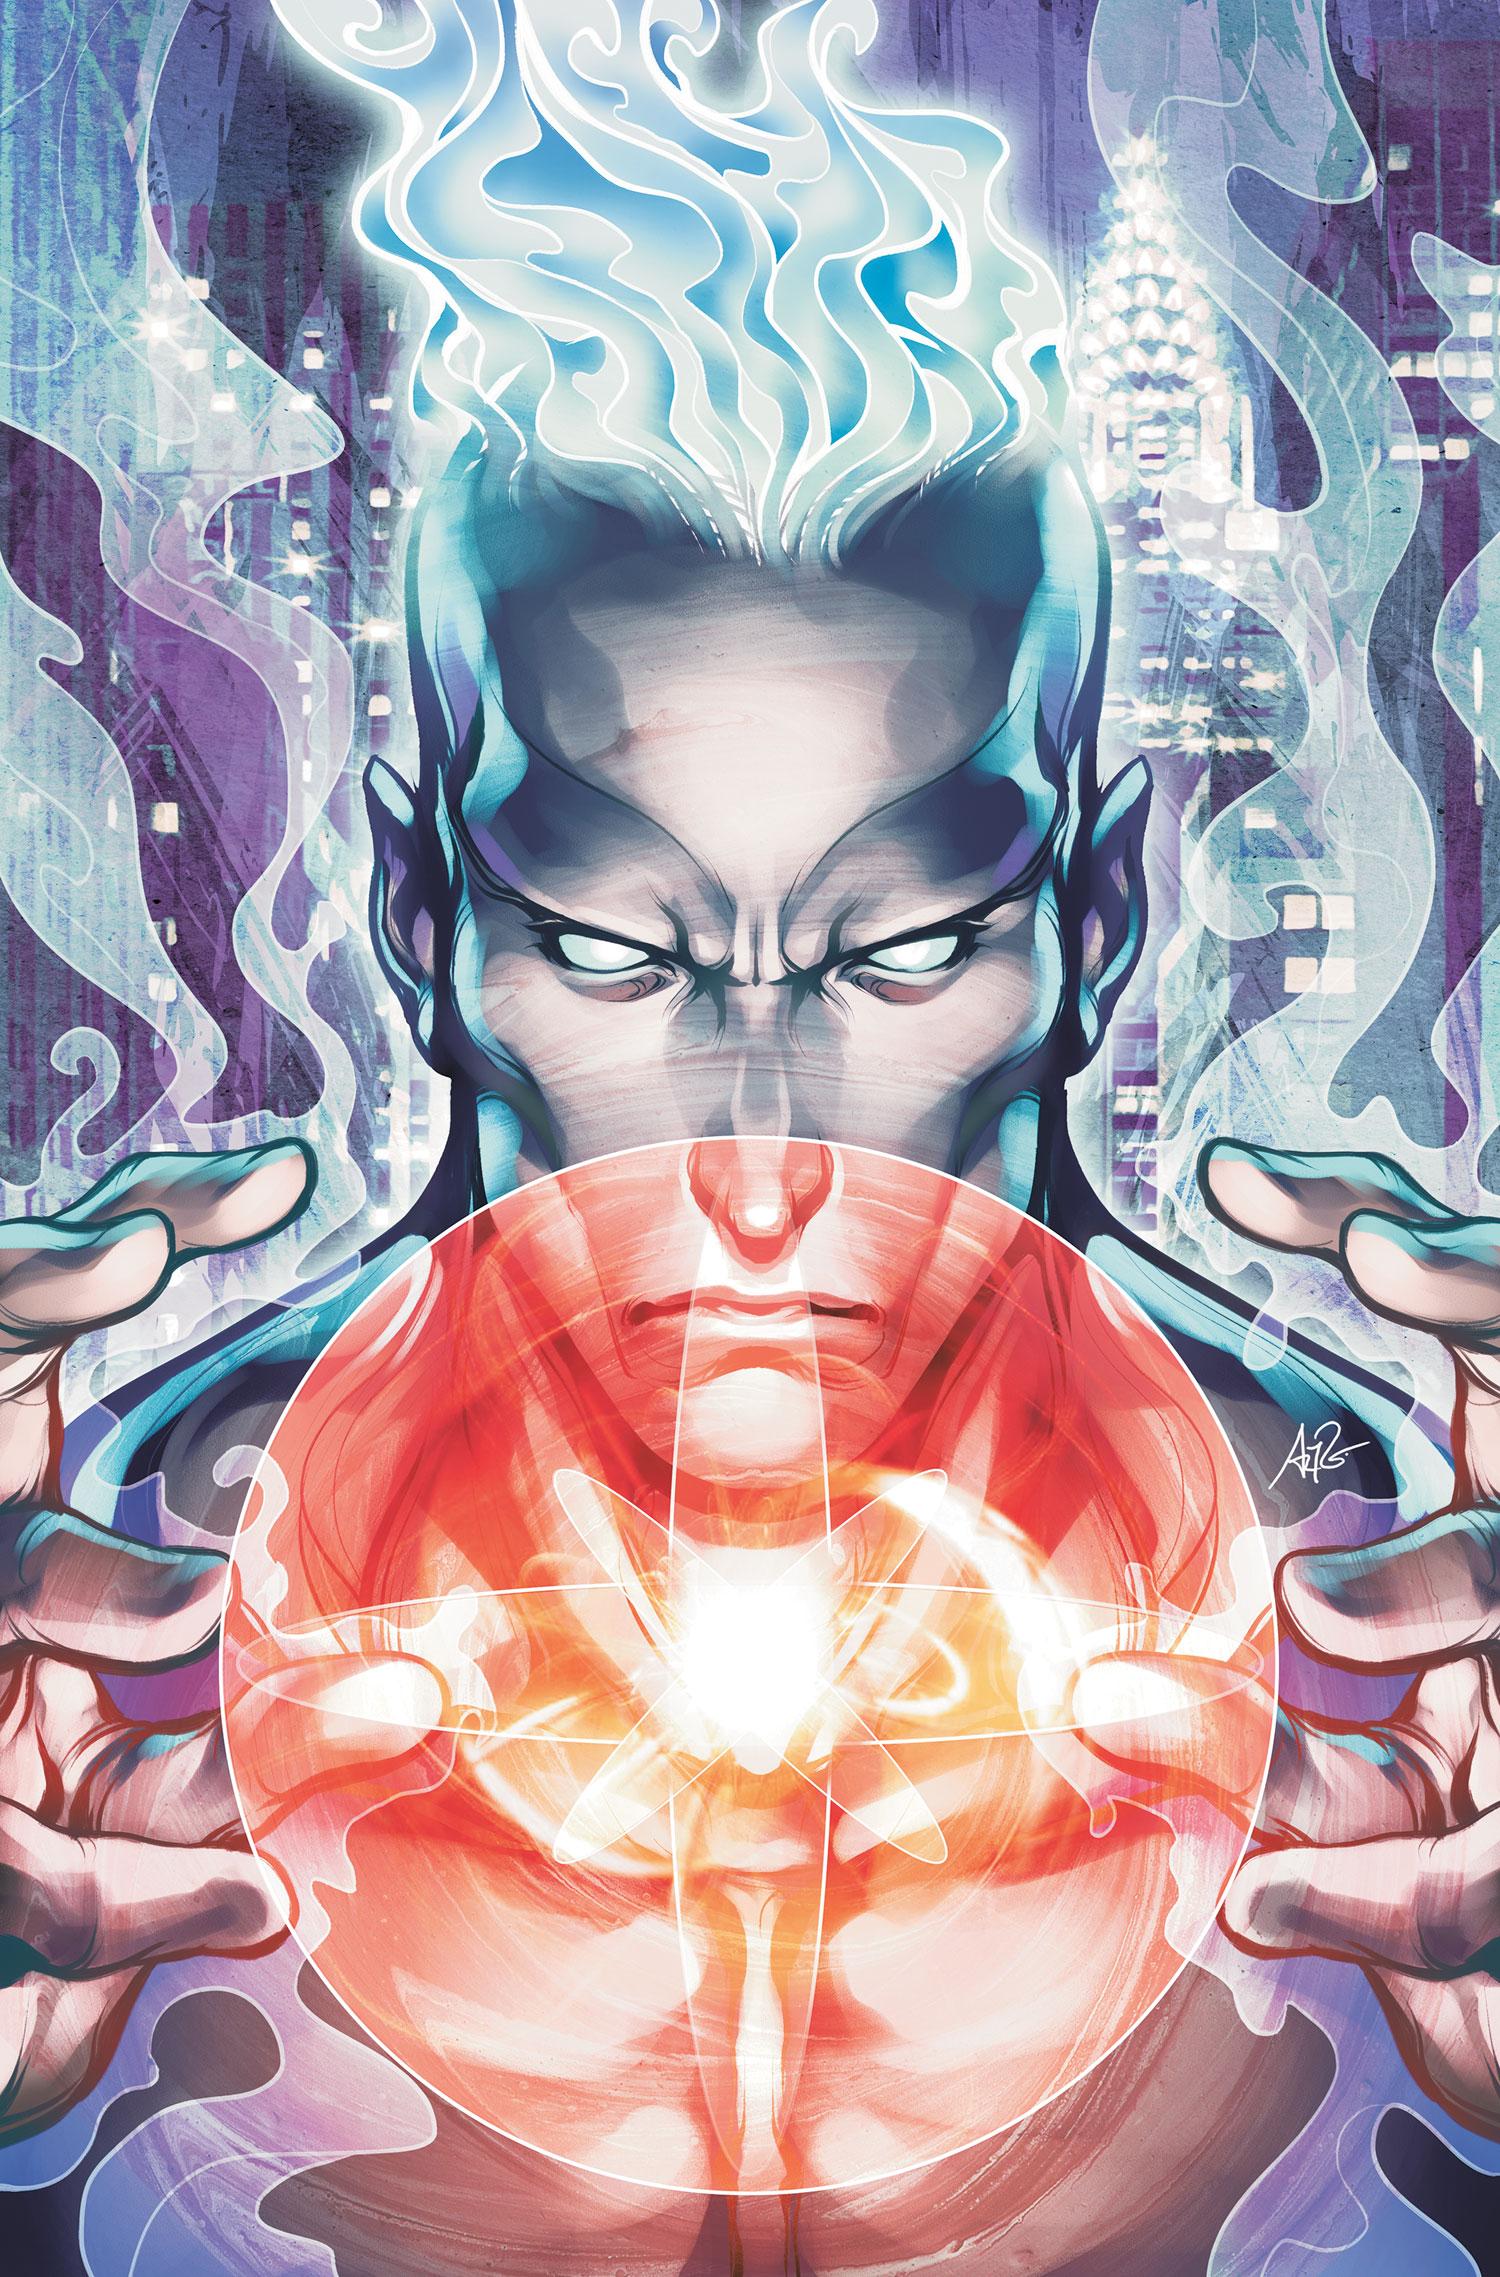 captain atom vol 1 review